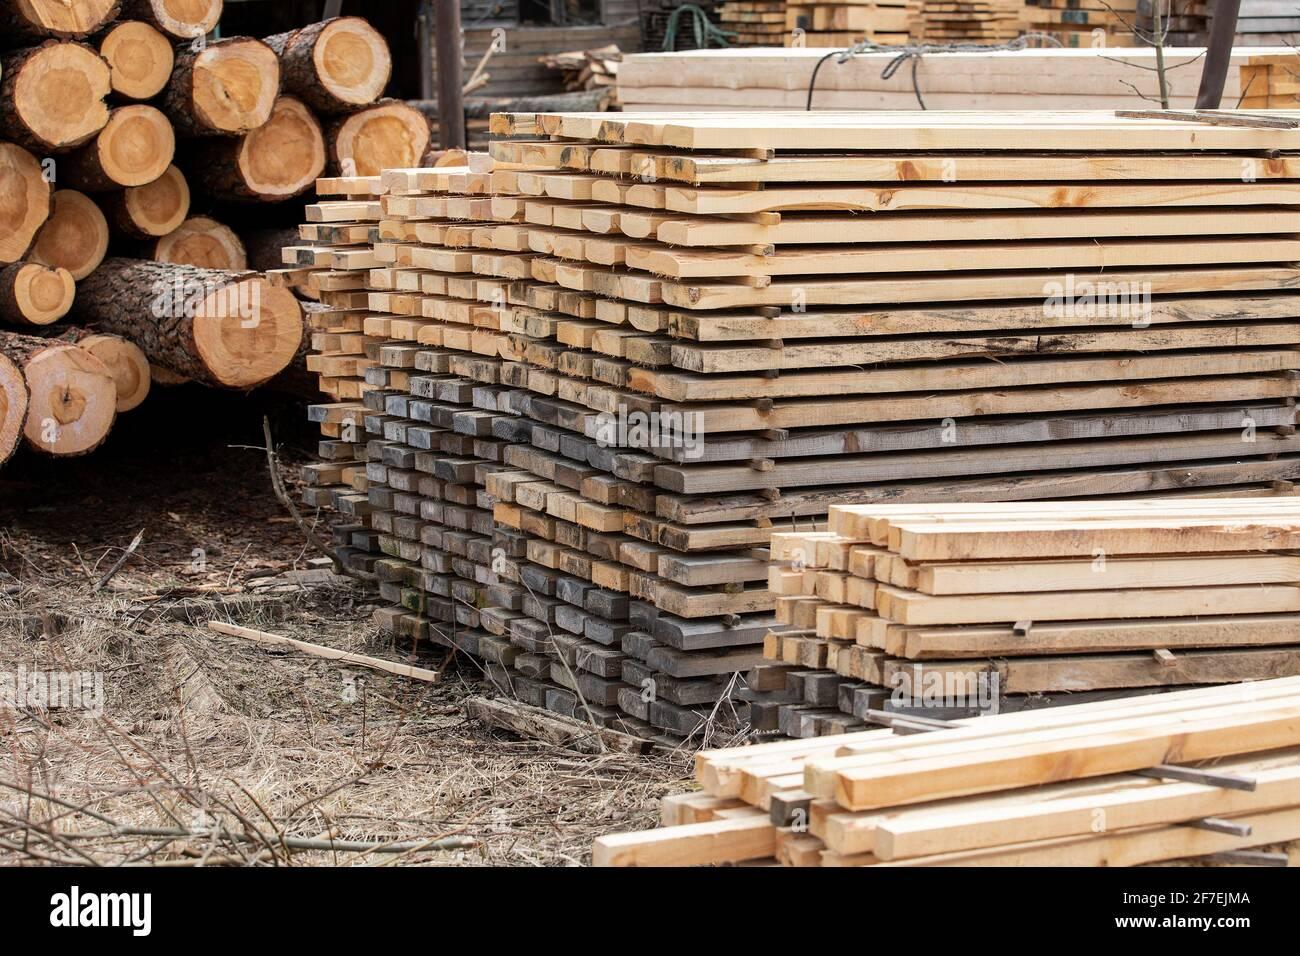 Segati e assi impilati. Produzione, trasporto e consegna legname. Fabbrica e industria. Foto Stock